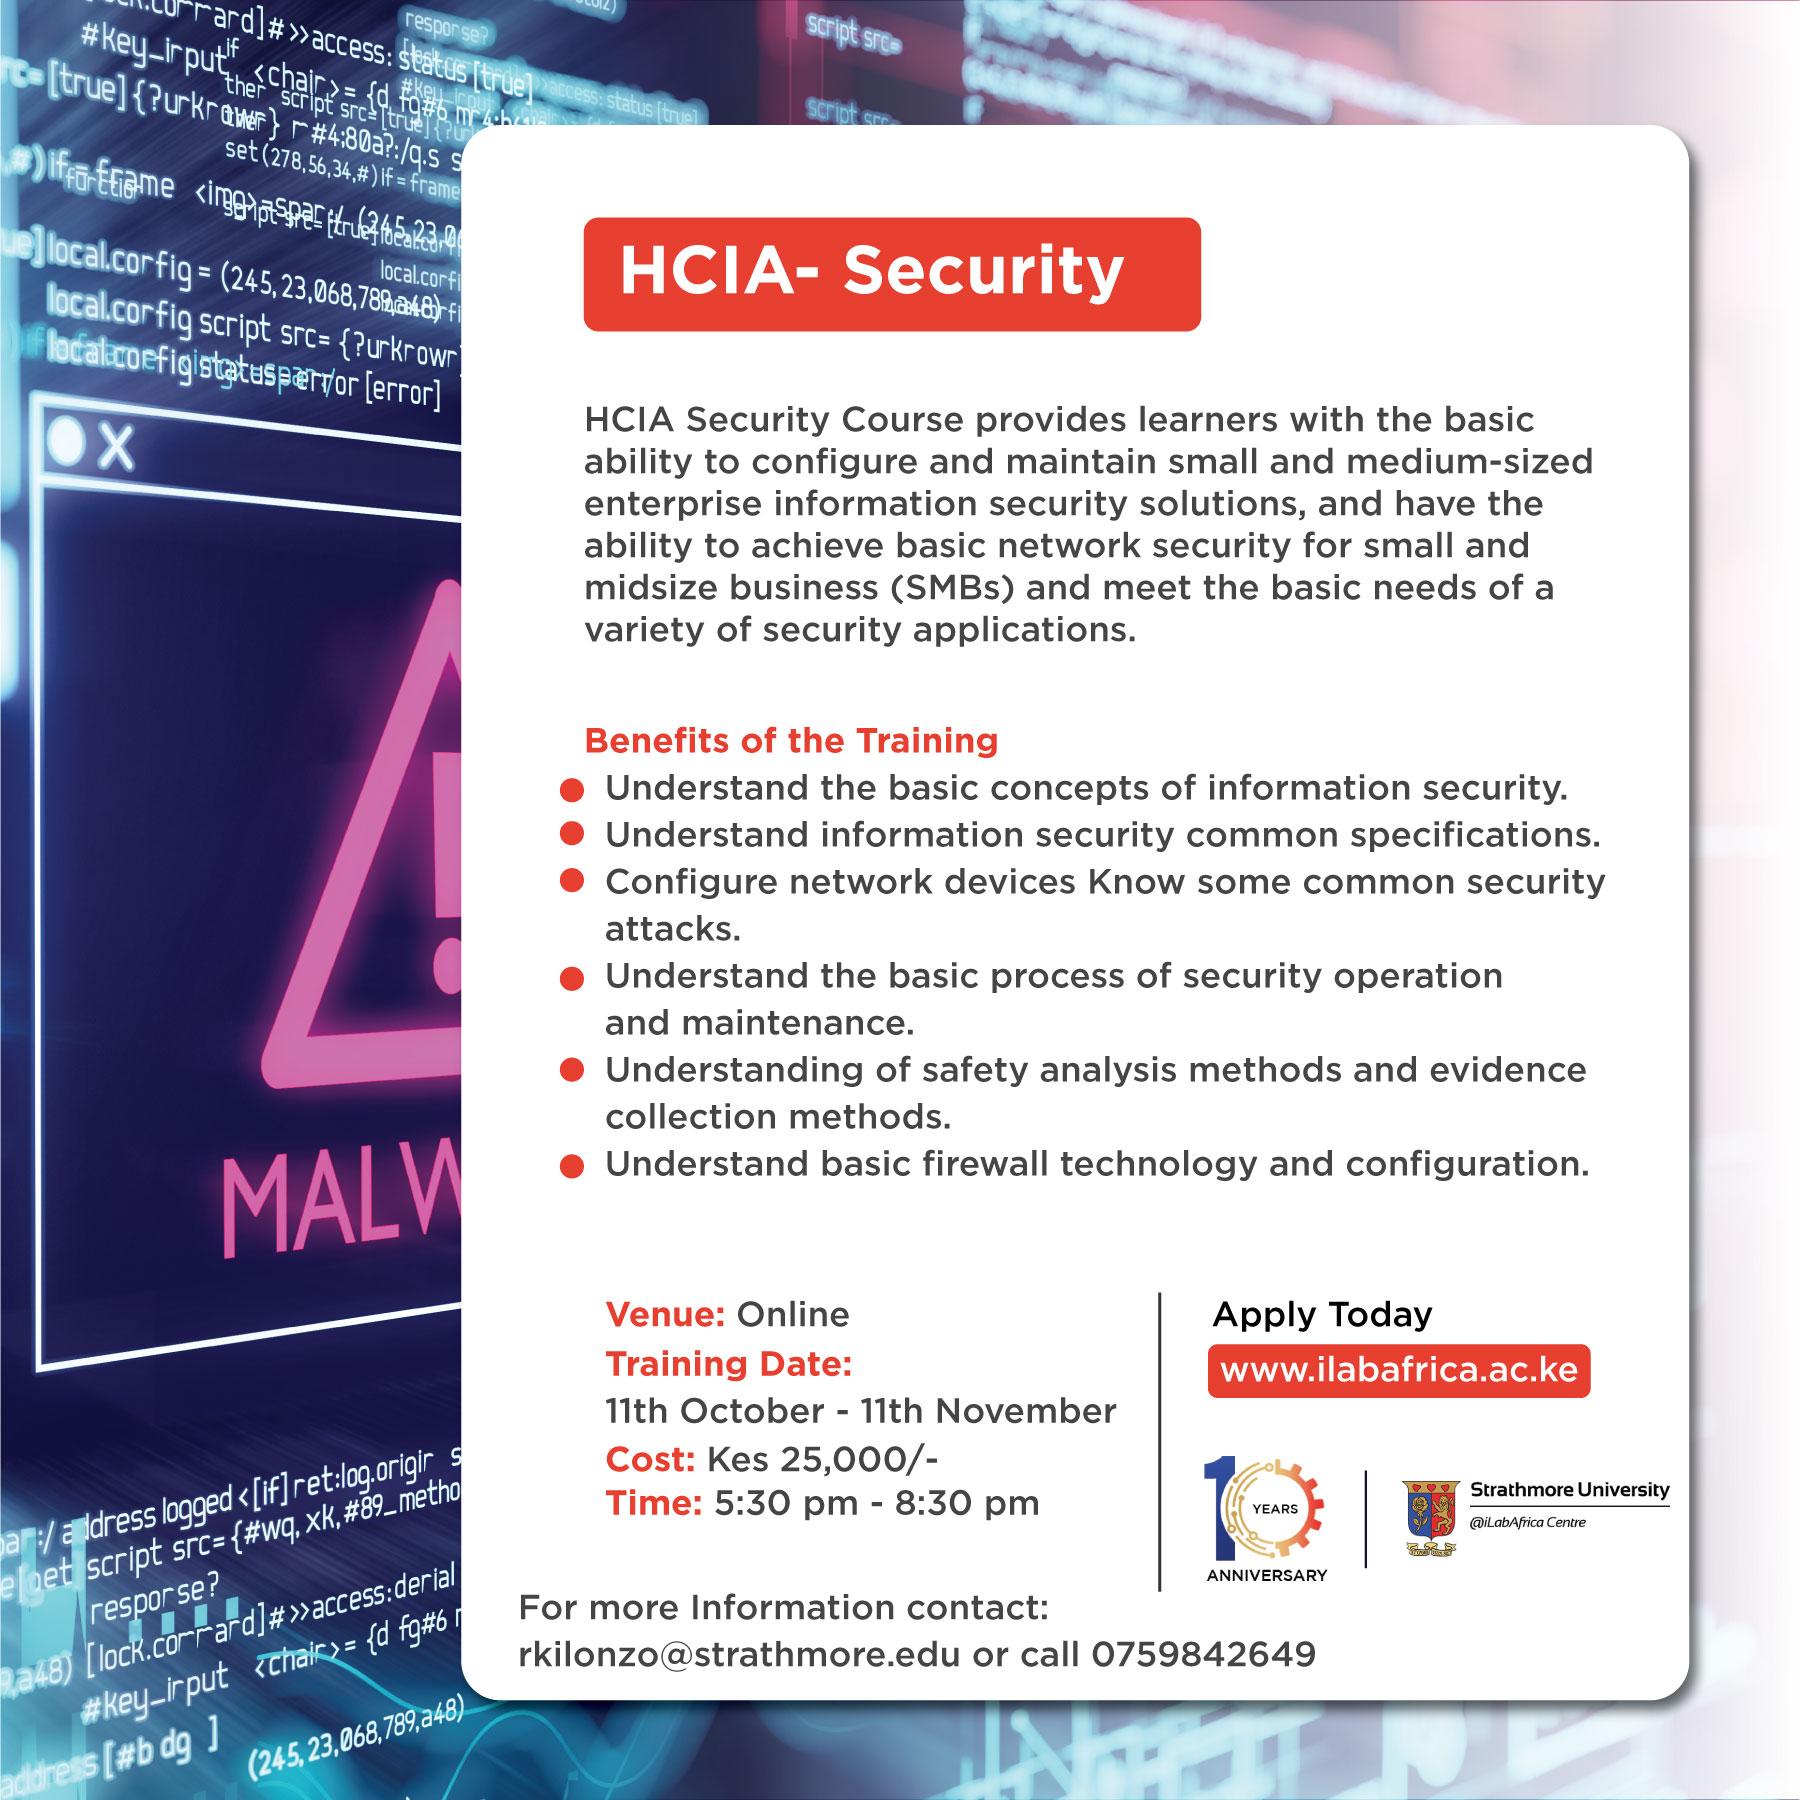 HCIA-SECURITY (2)